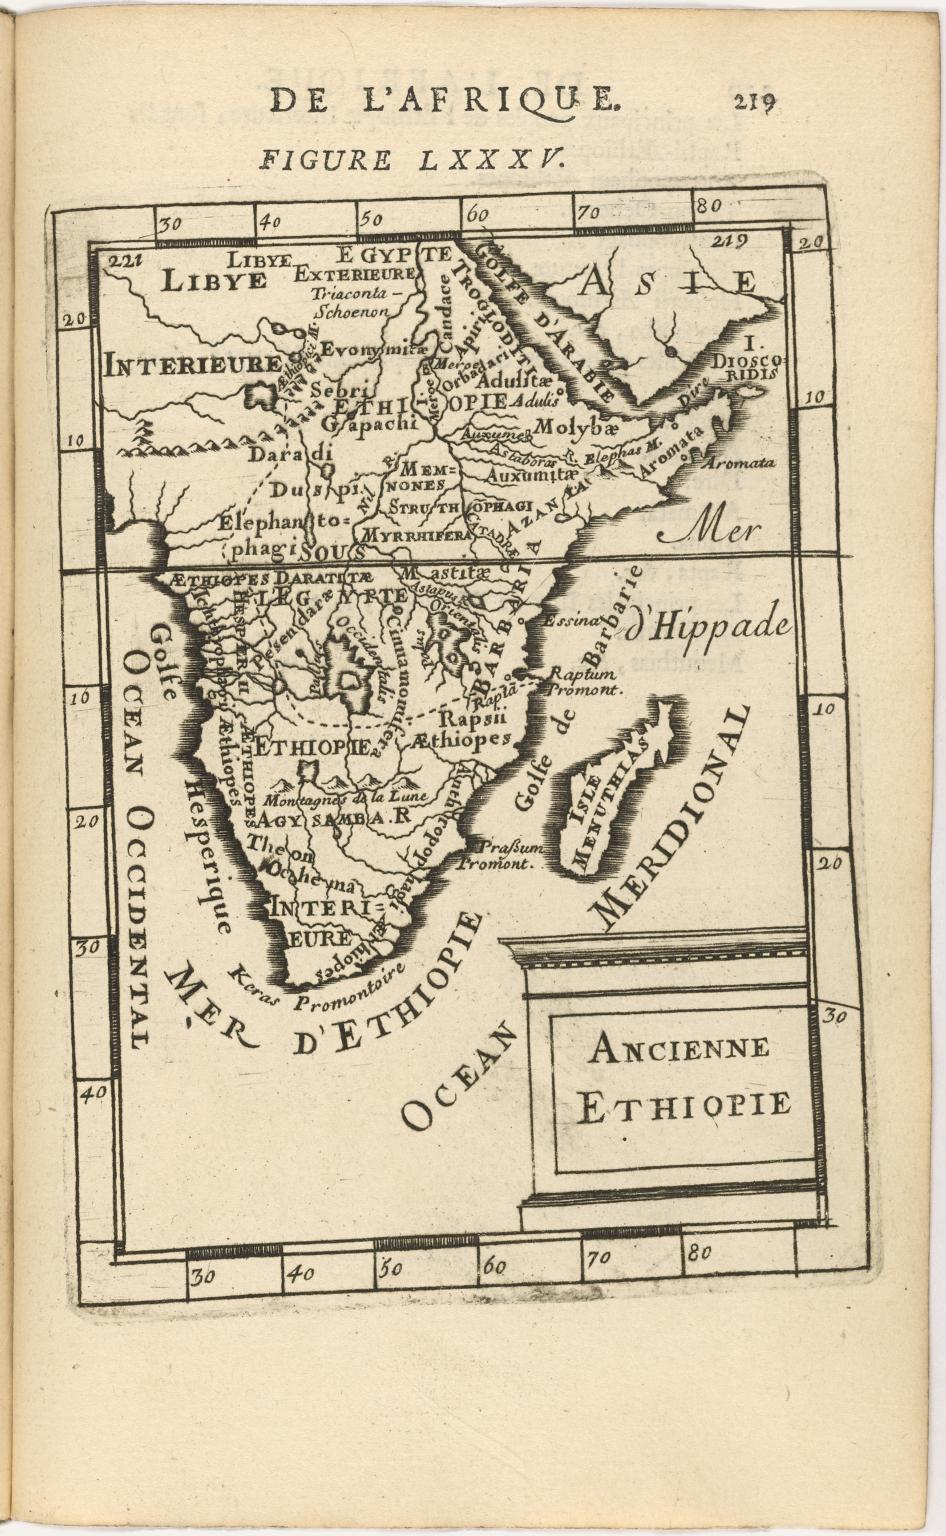 Ancienne Ethiopie